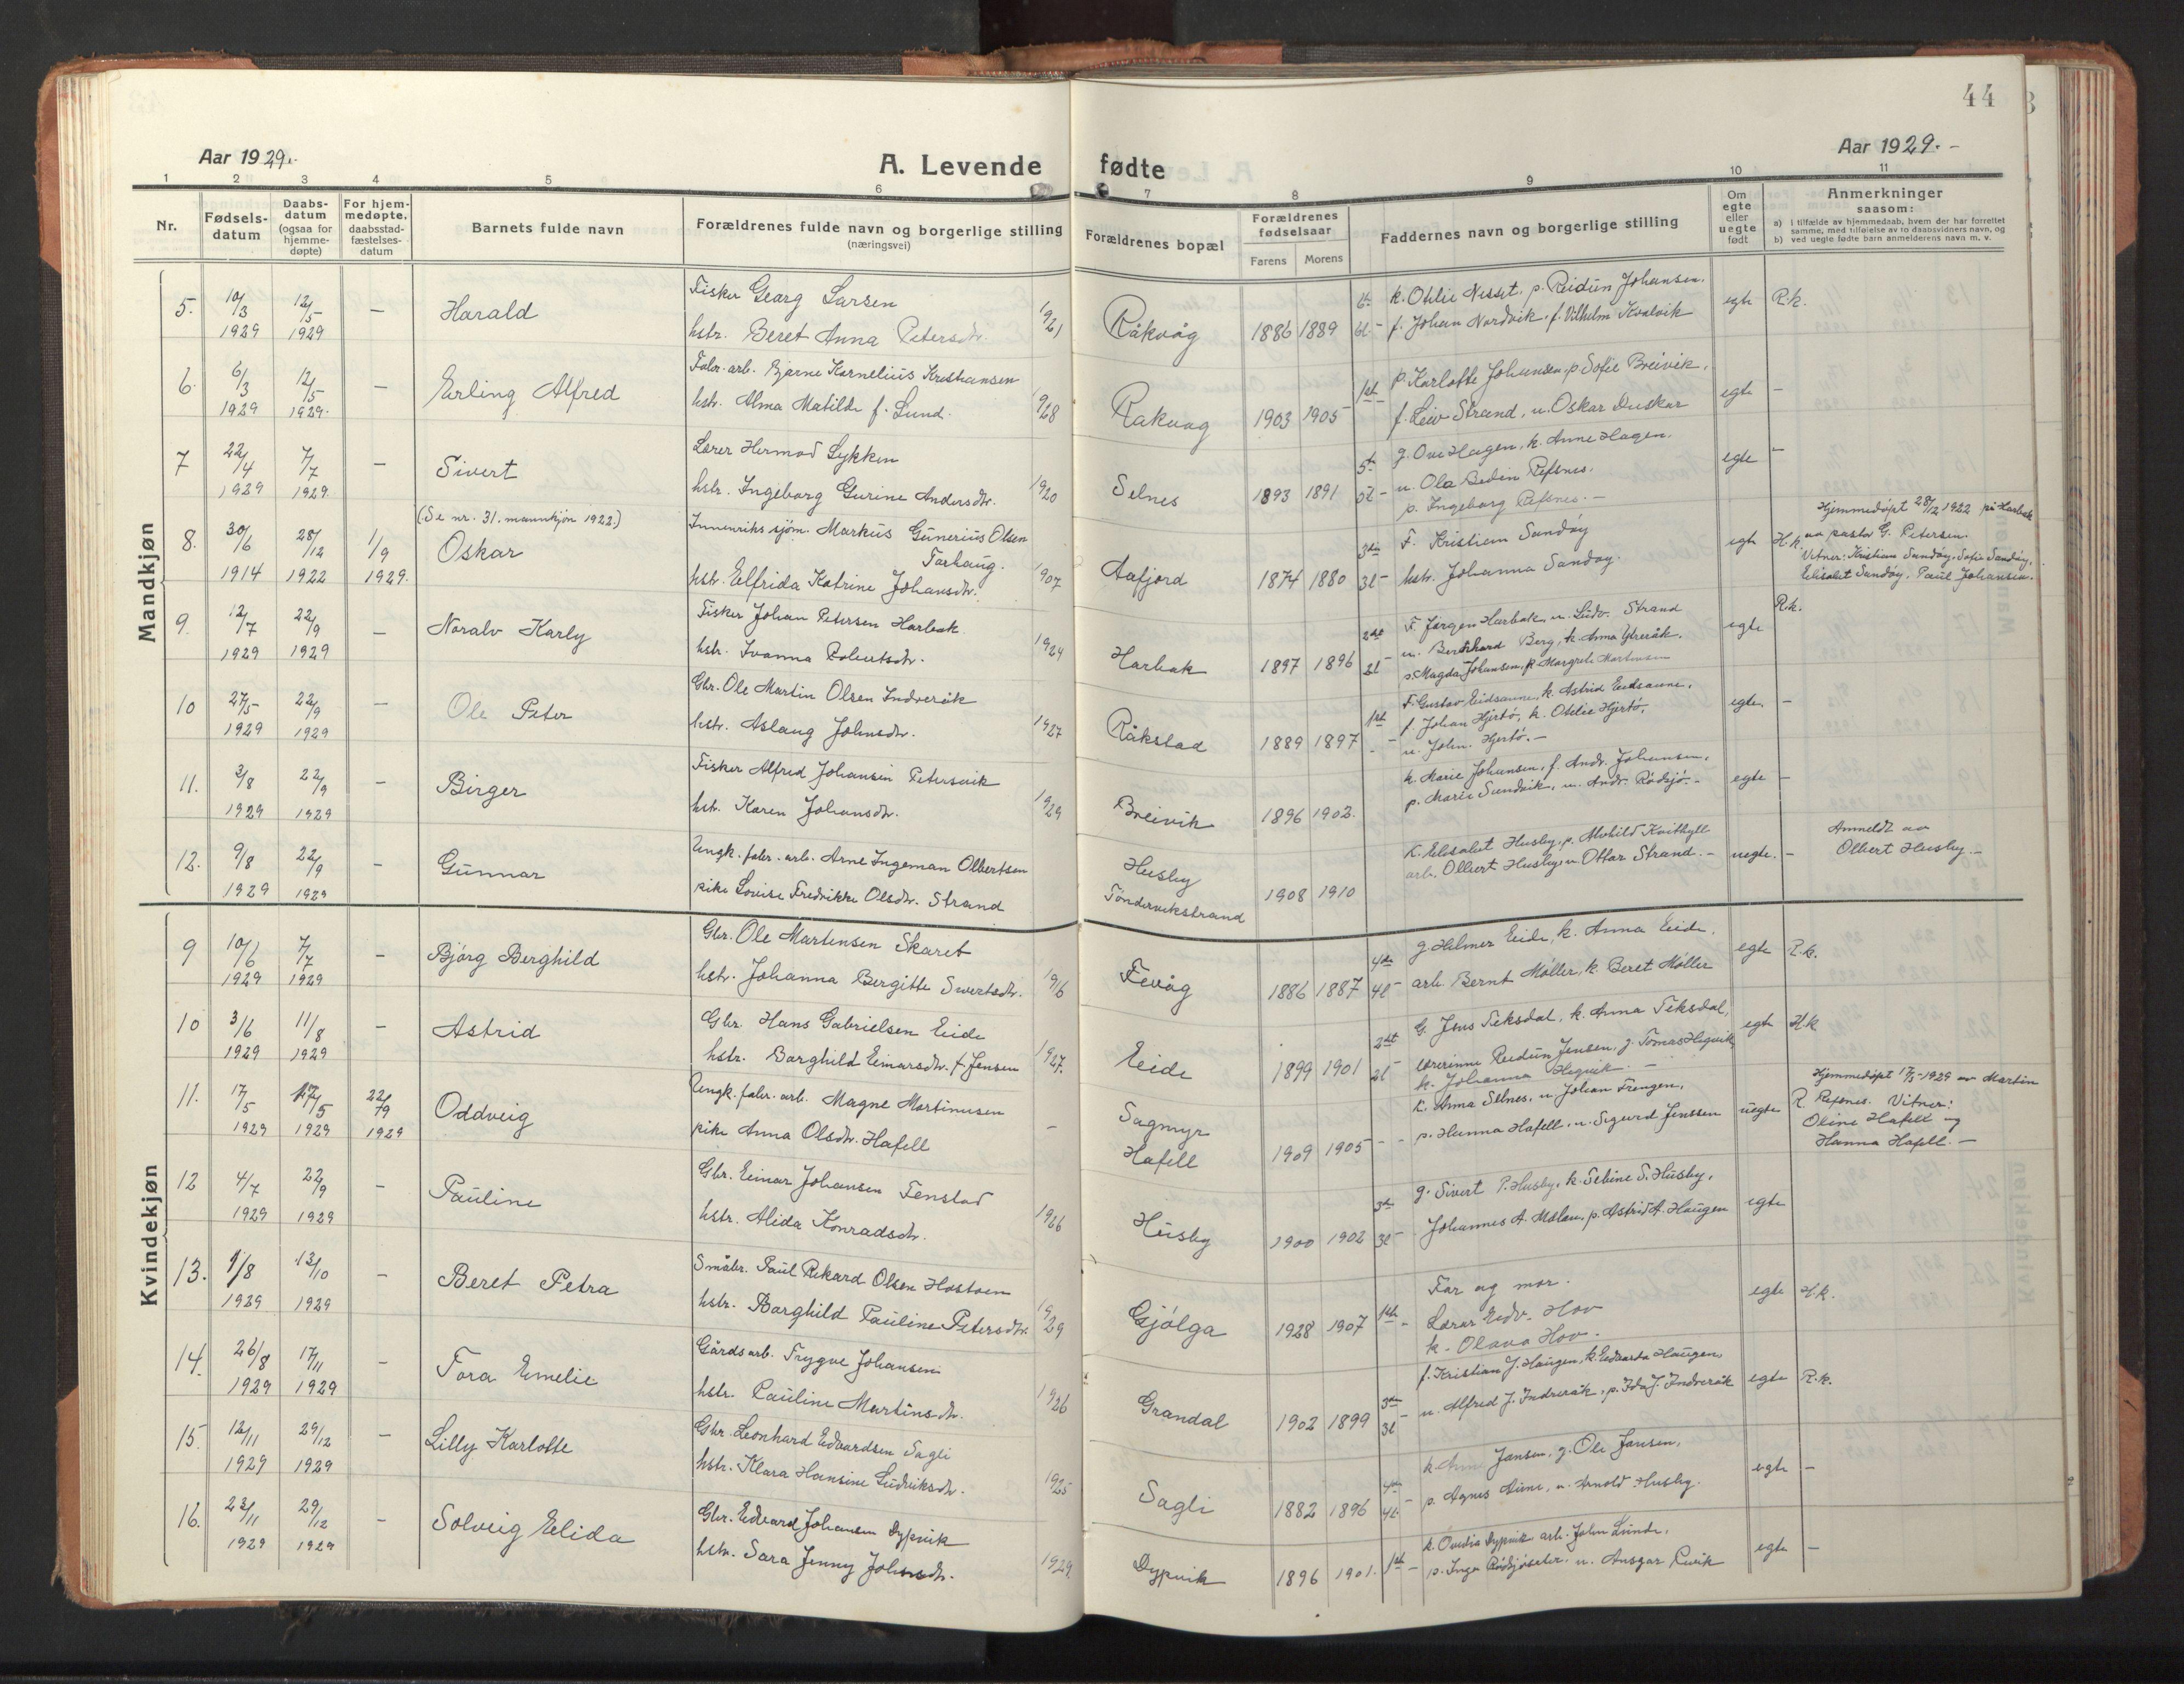 SAT, Ministerialprotokoller, klokkerbøker og fødselsregistre - Sør-Trøndelag, 653/L0658: Klokkerbok nr. 653C02, 1919-1947, s. 44